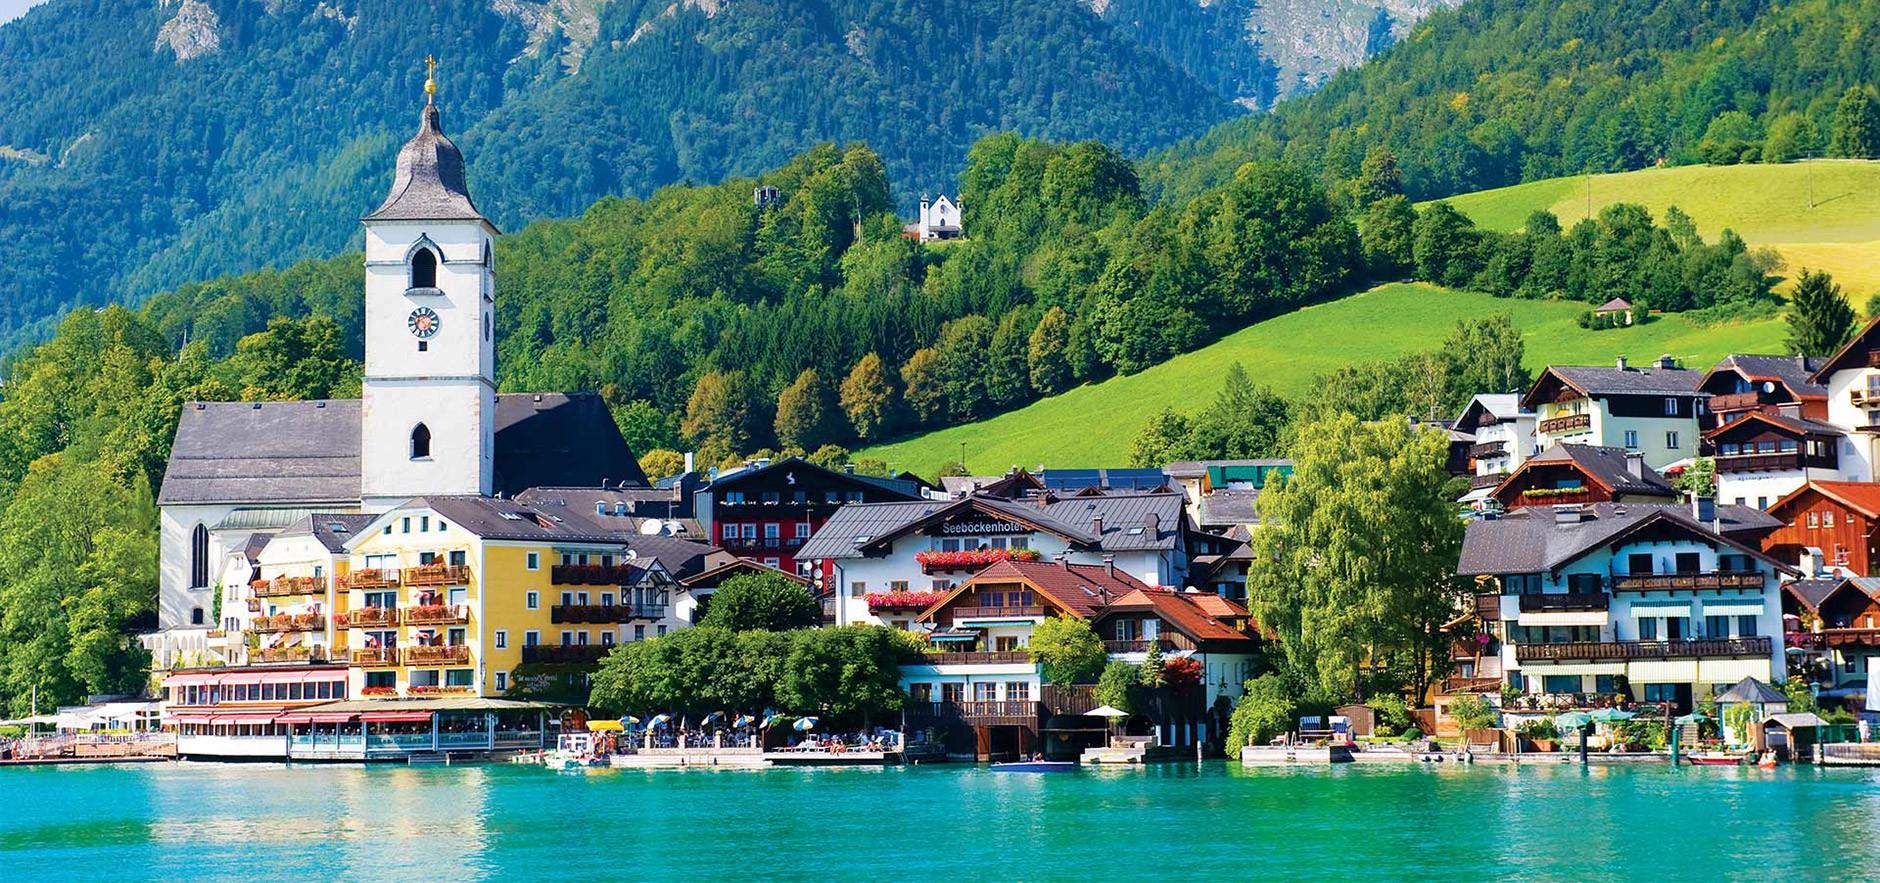 Tour d'Autriche - Lac de St Wolfgang